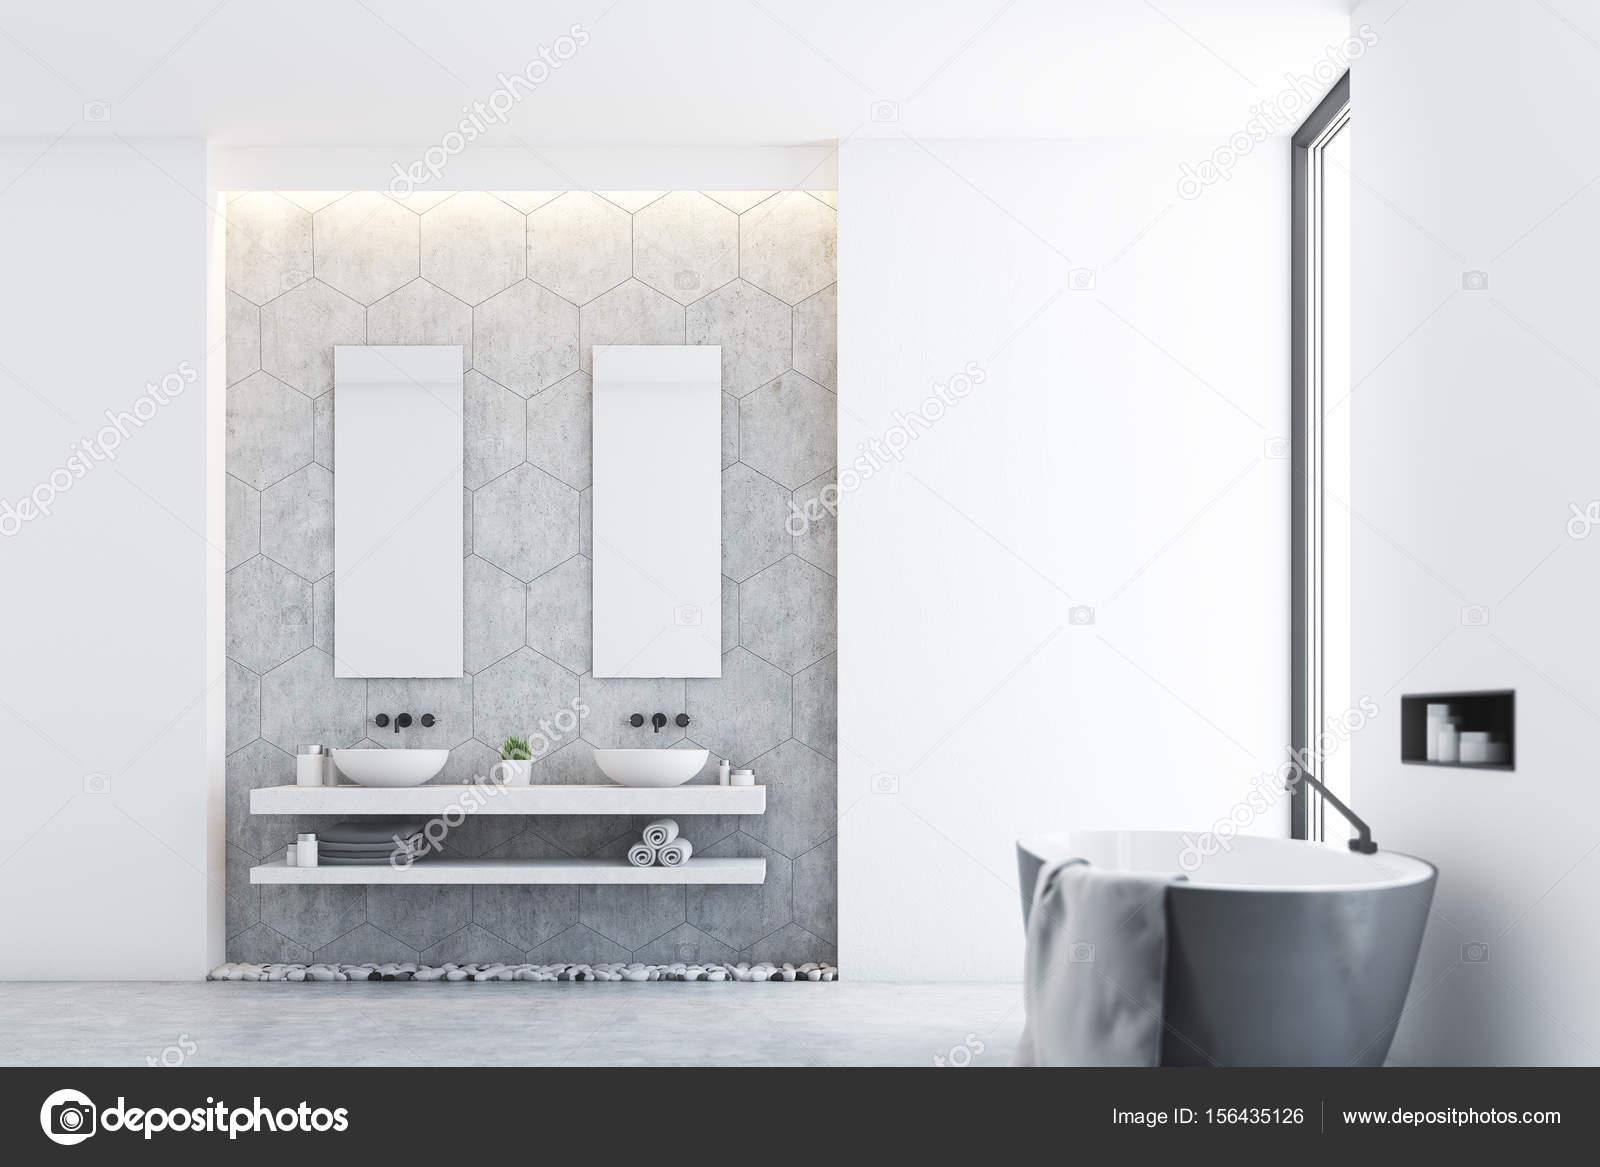 Salle de bain gris et une fenêtre latérale — Photographie ...